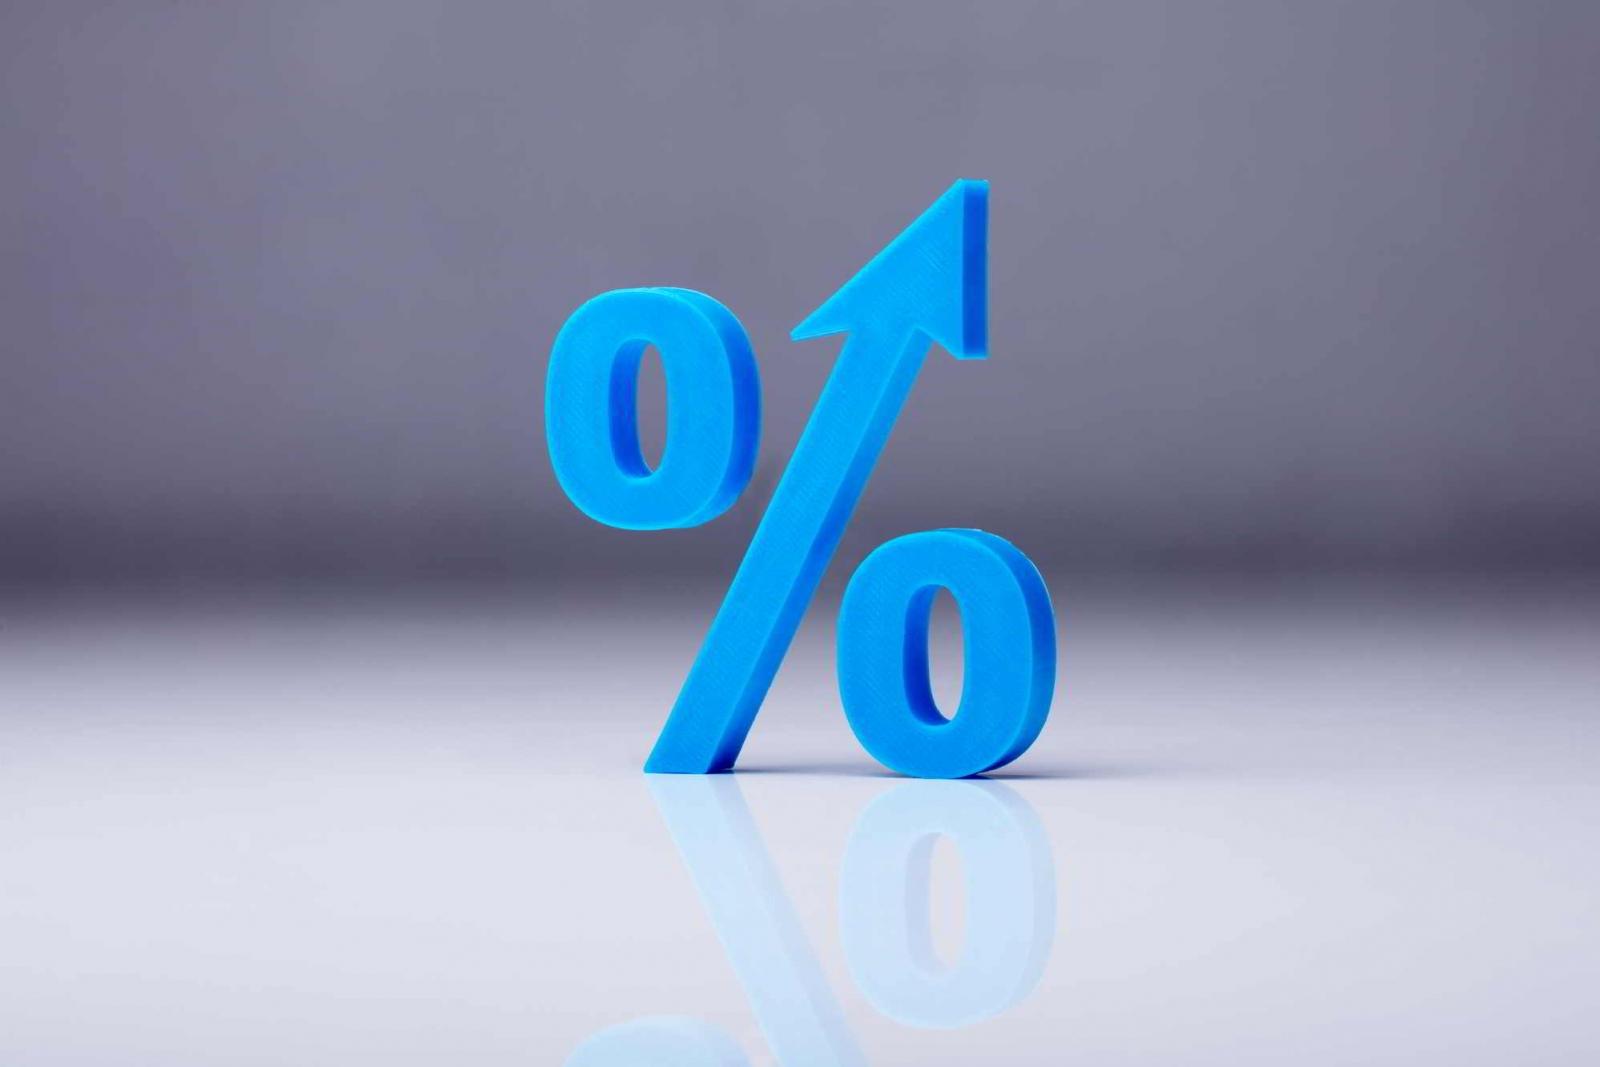 Чем повышение основной  ставки угрожает  россиянам— Экономисты